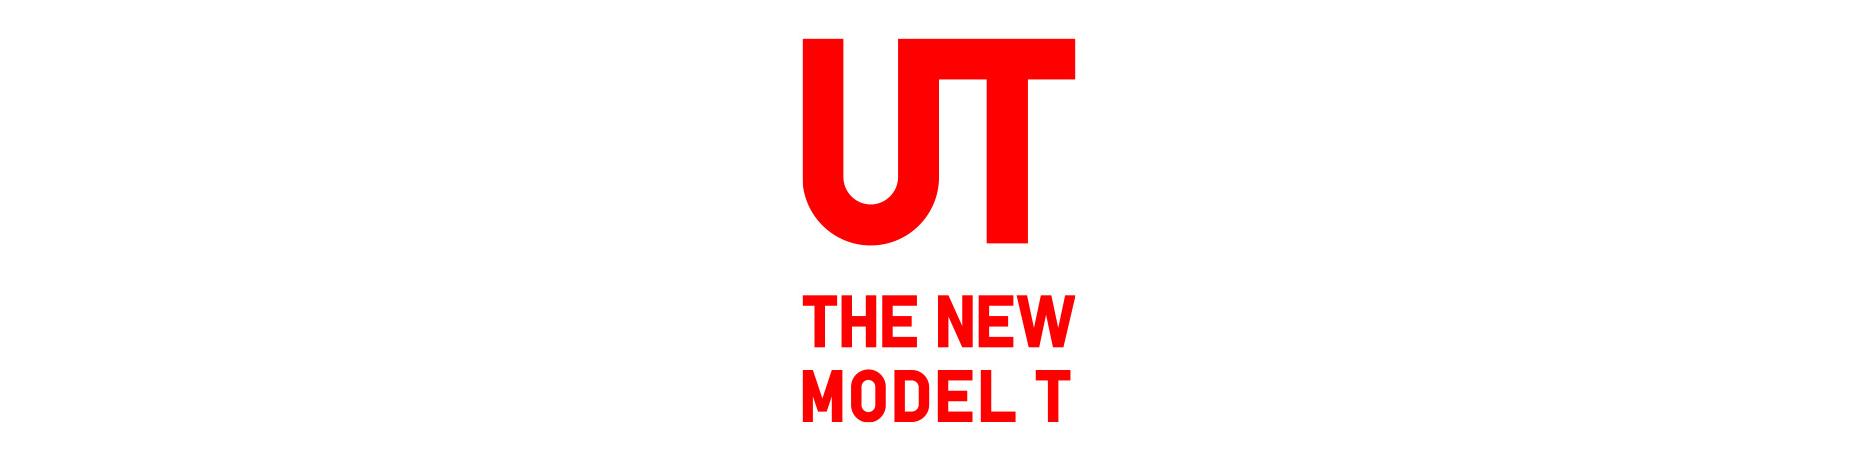 UT New Model T